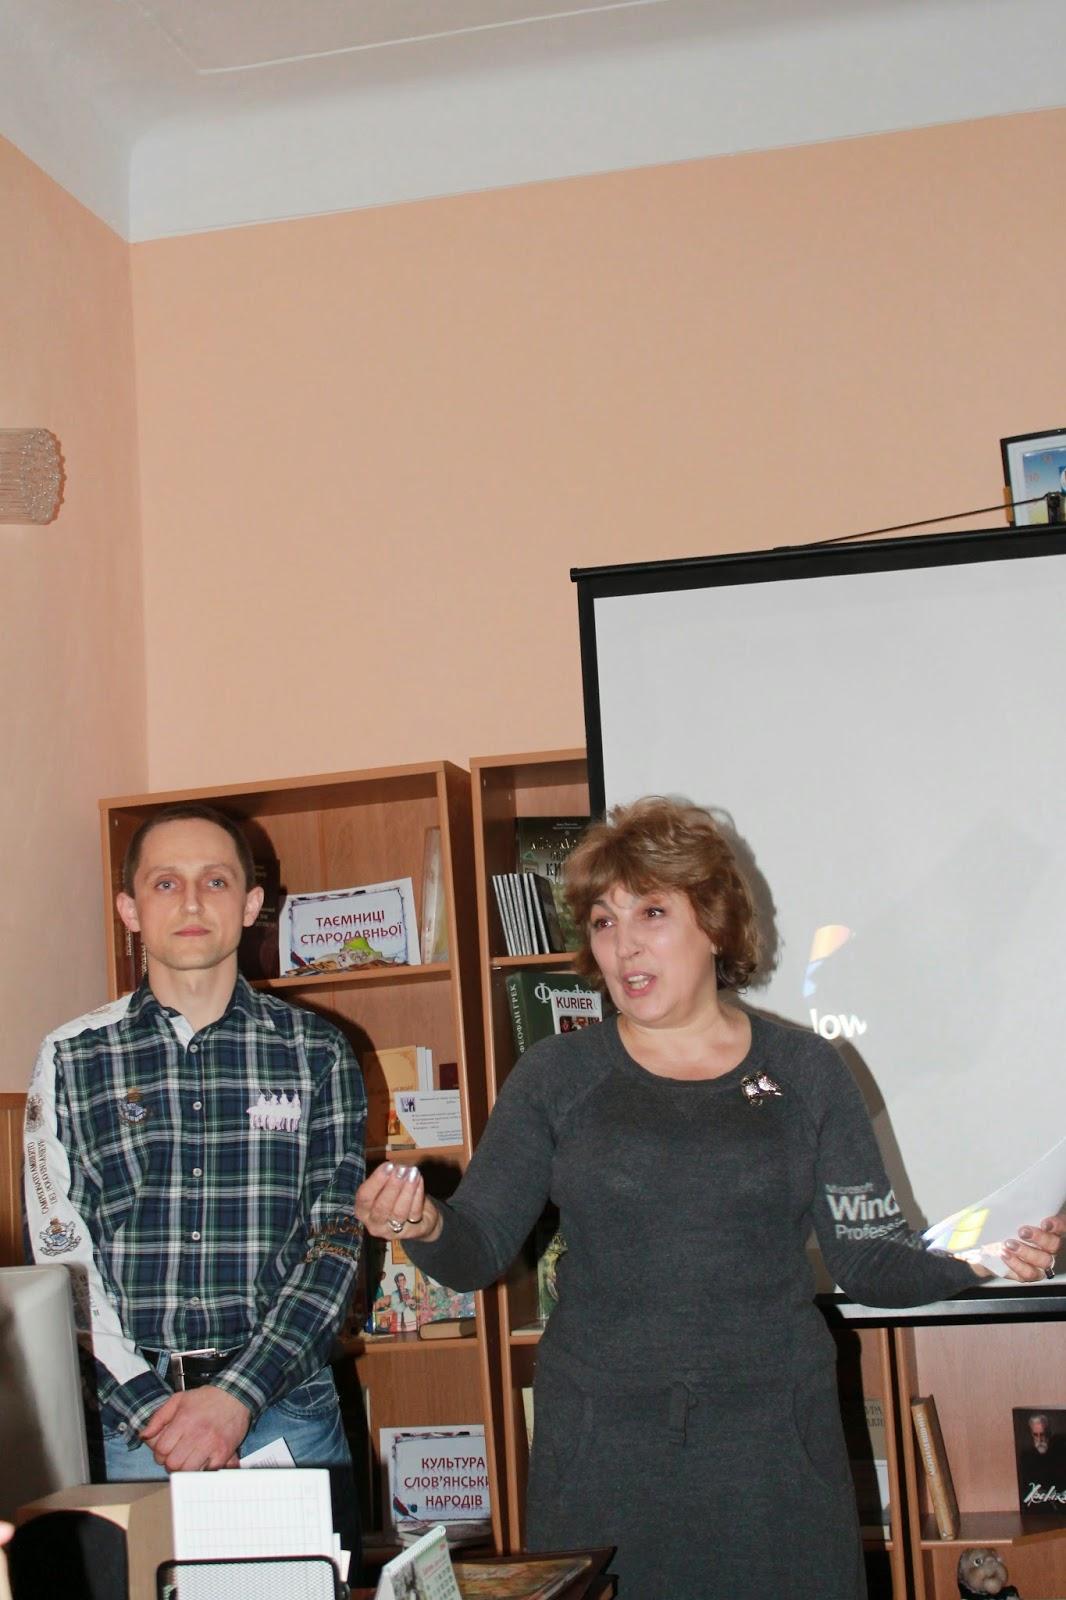 Голая жена и теща на частном фото АннаМилк